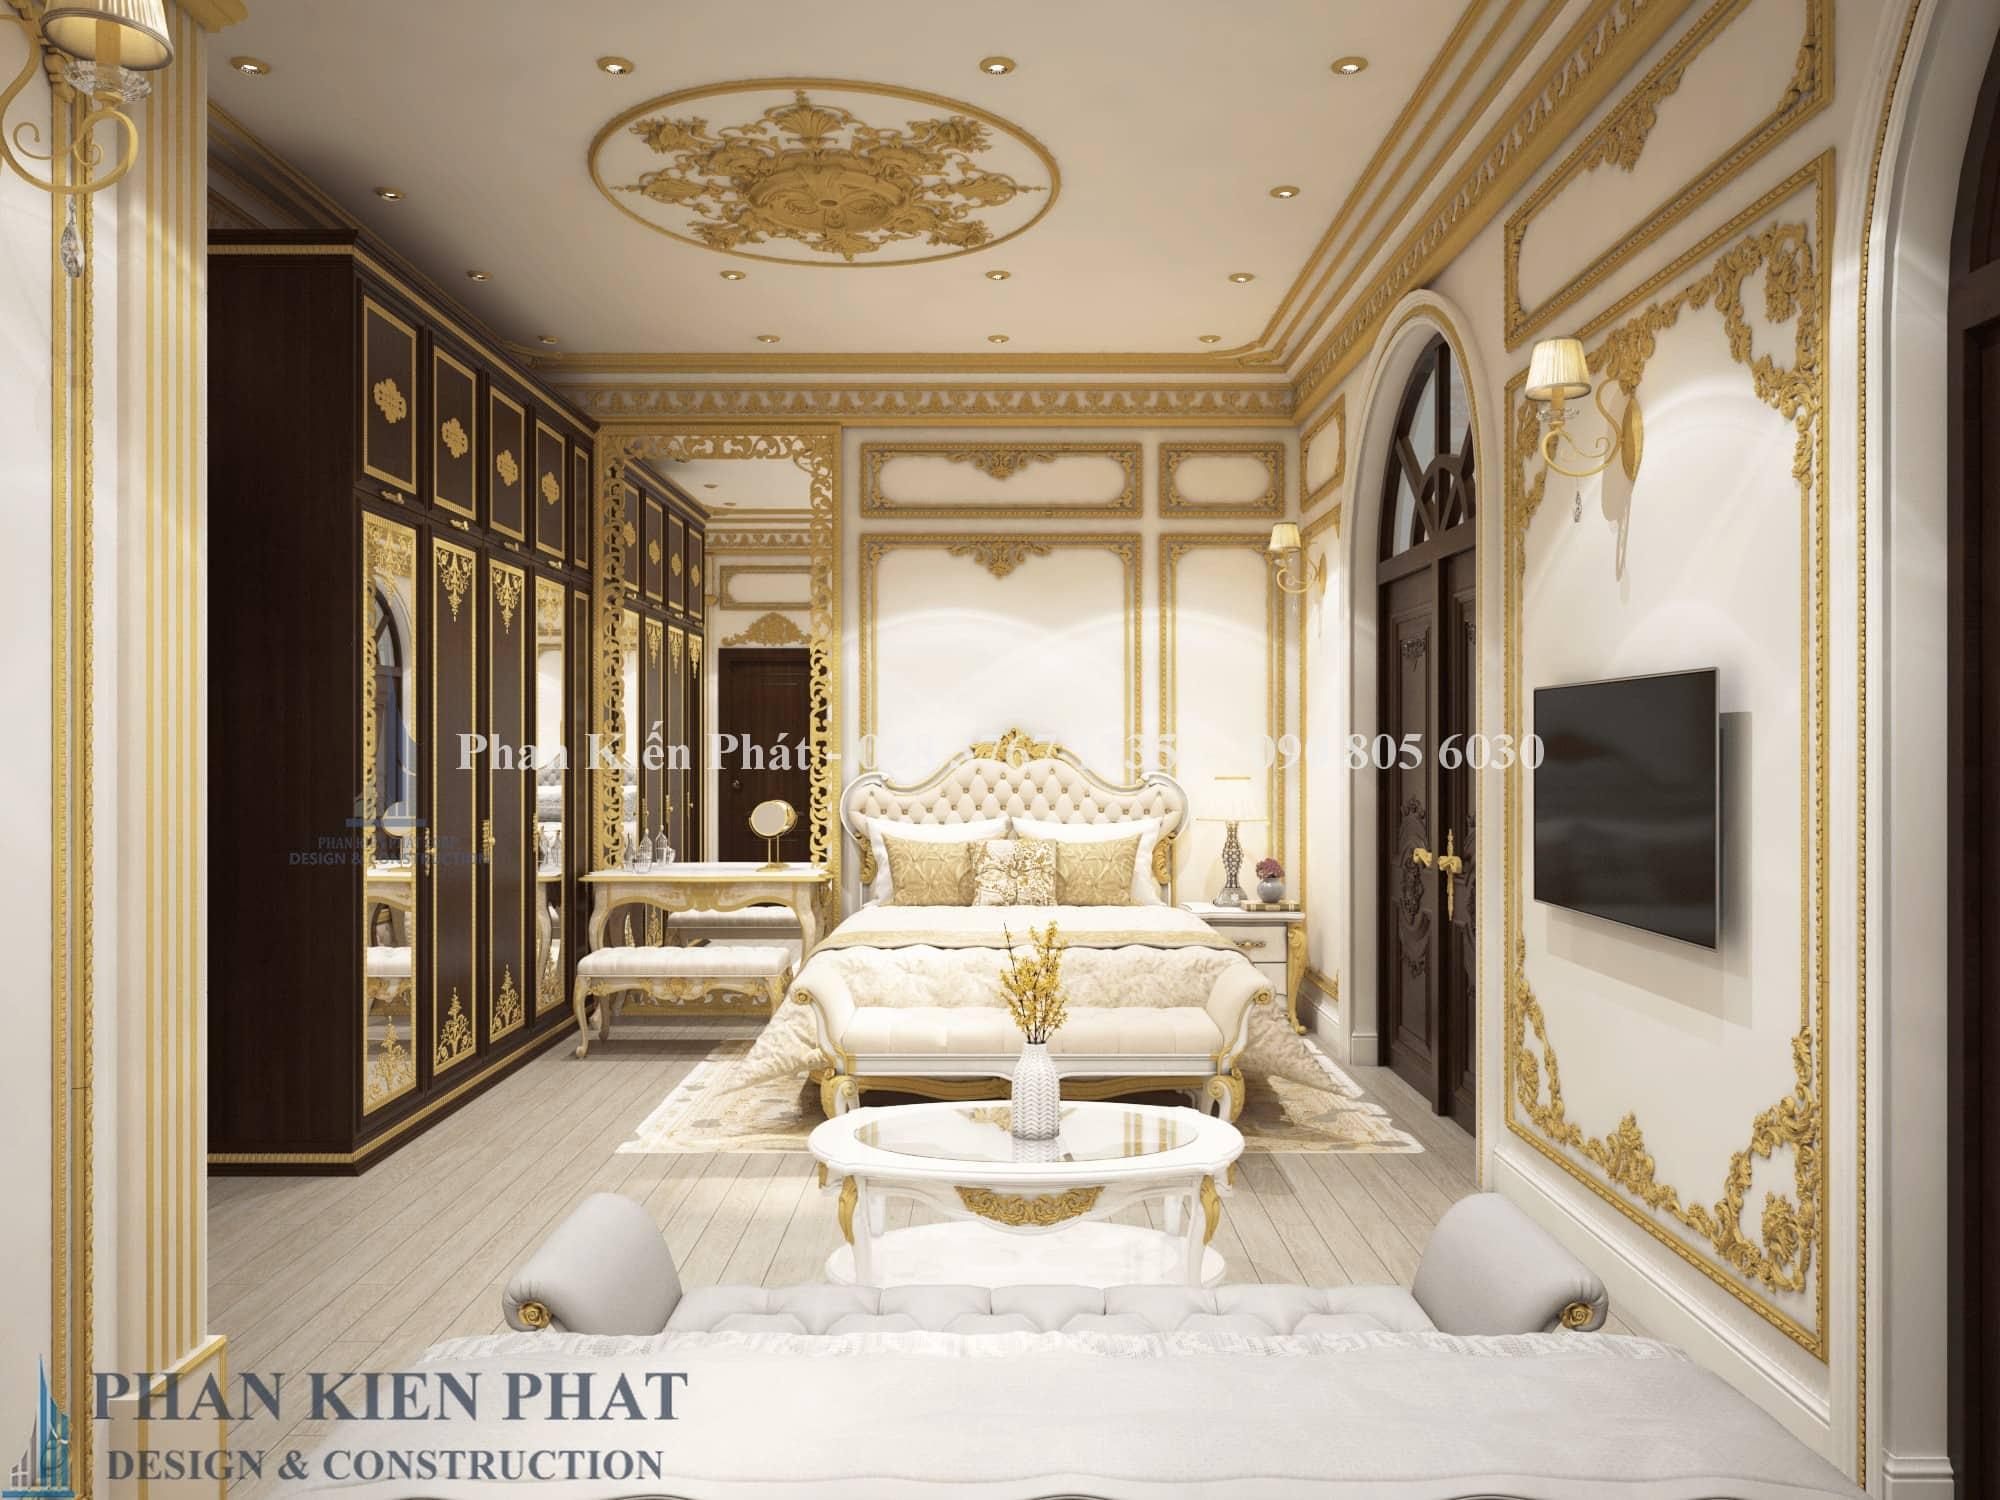 Noi That Phong Ngu Bo Me Biet Thu Co Dien View 1 - thiết kế biệt thự cổ điển